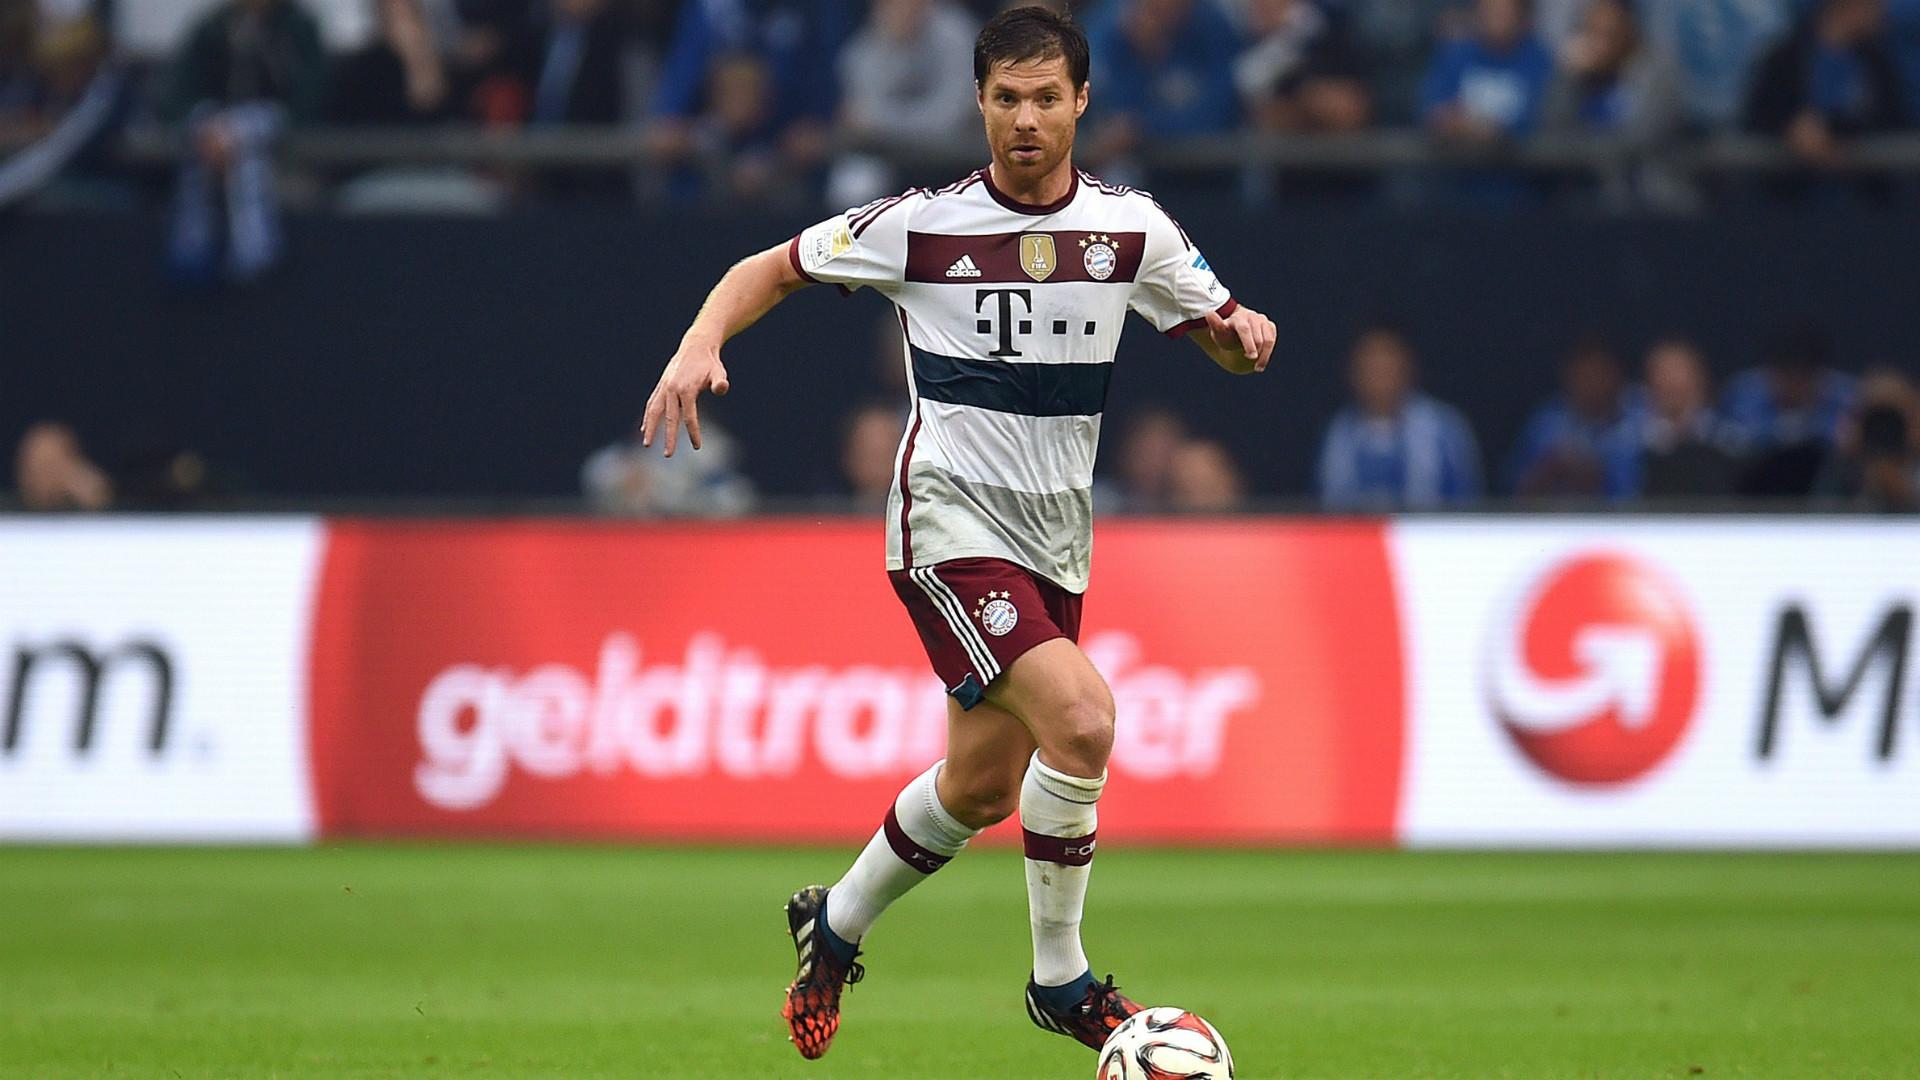 Xabi Alonso FC Bayern Munchen - Goal.com